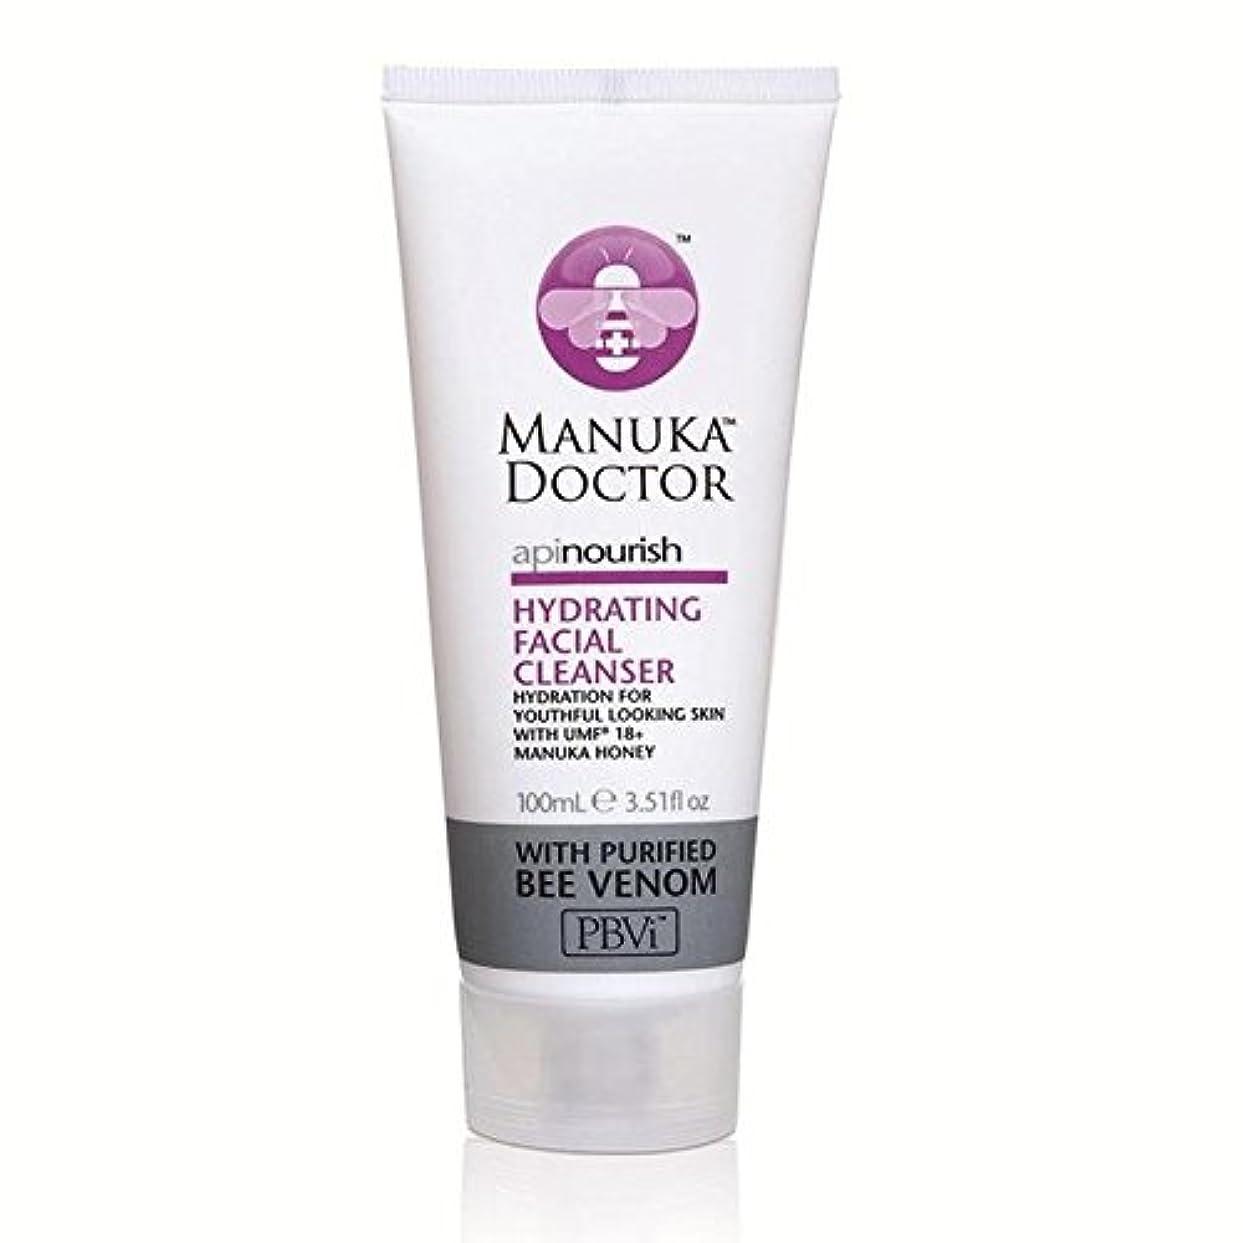 リレー赤道活性化Manuka Doctor Api Nourish Hydrating Facial Cleanser 100ml - マヌカドクター洗顔料の100ミリリットルの水和養います [並行輸入品]